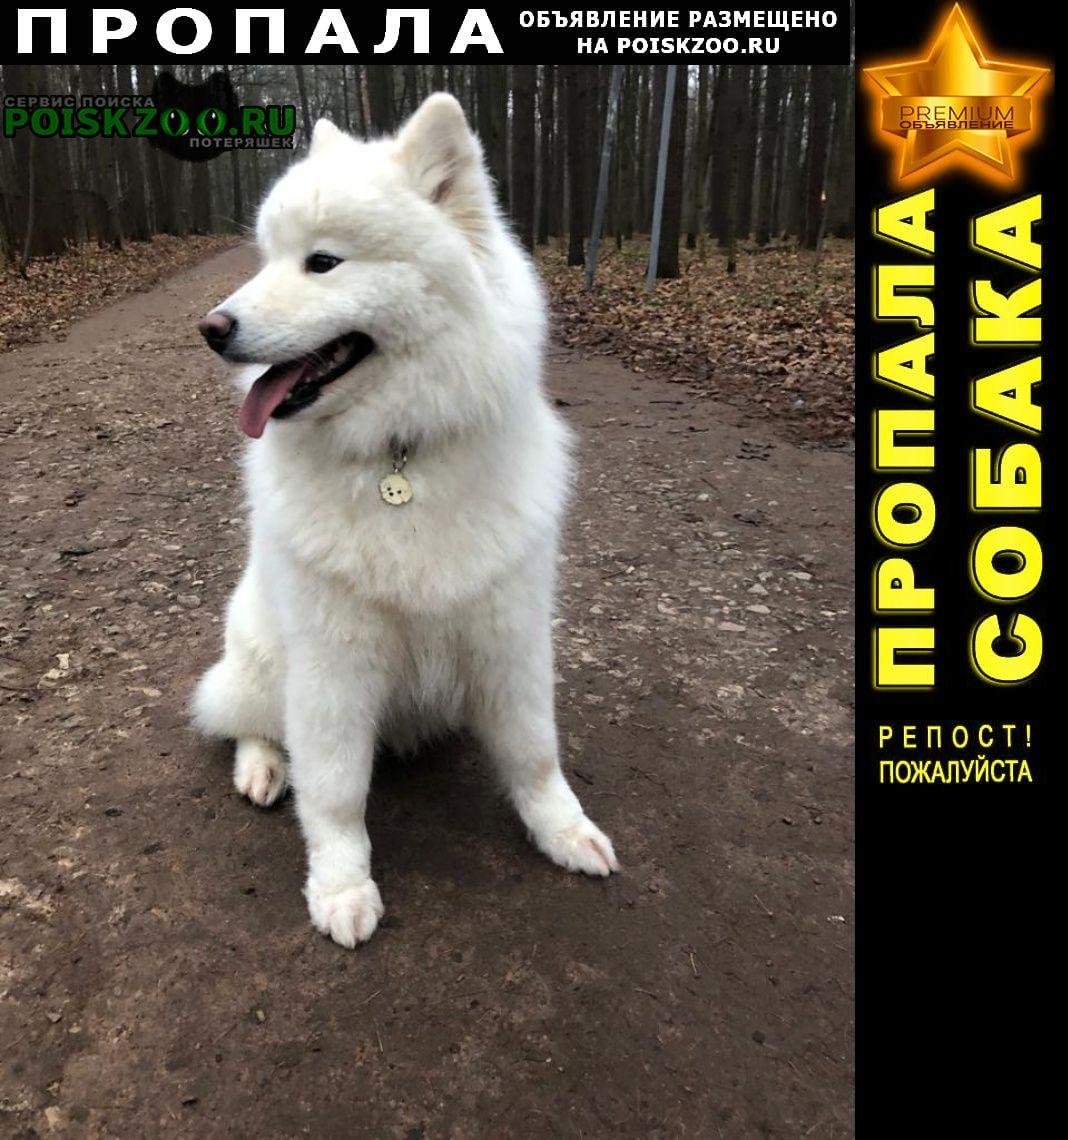 Пропала собака лайка (самоед), мо, север г.Солнечногорск